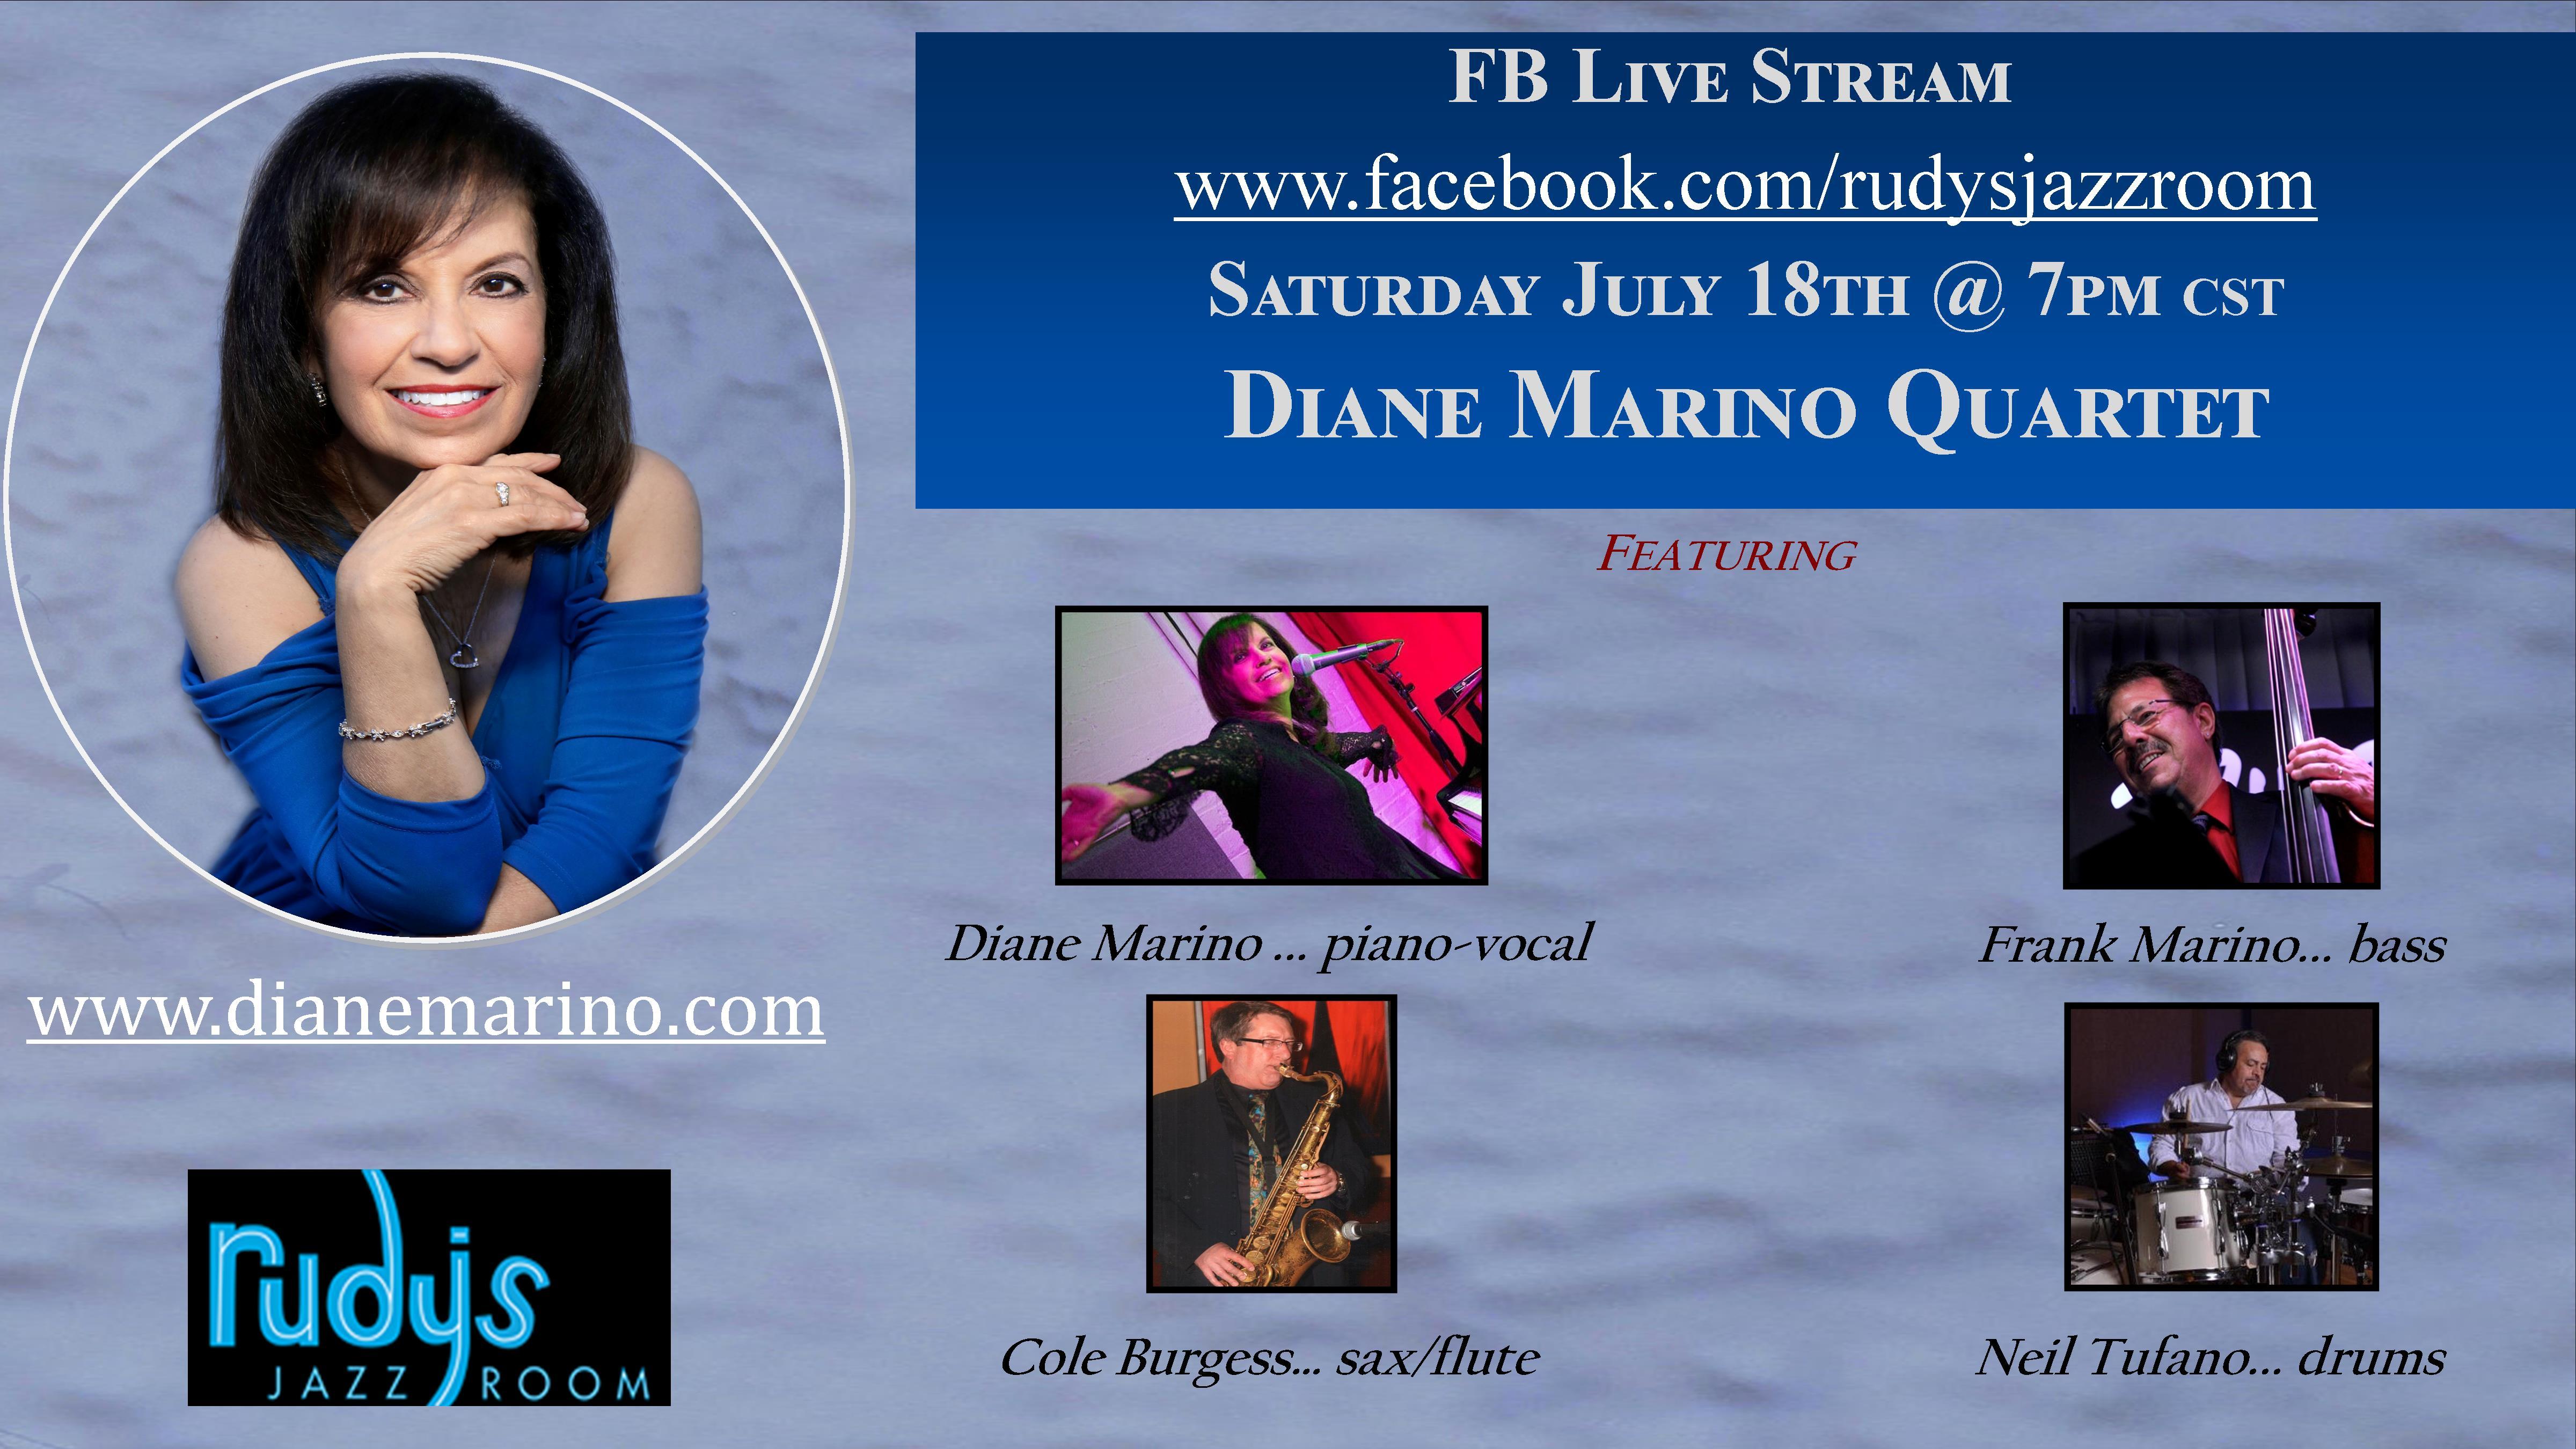 Diane Marino Quartet - Livestream